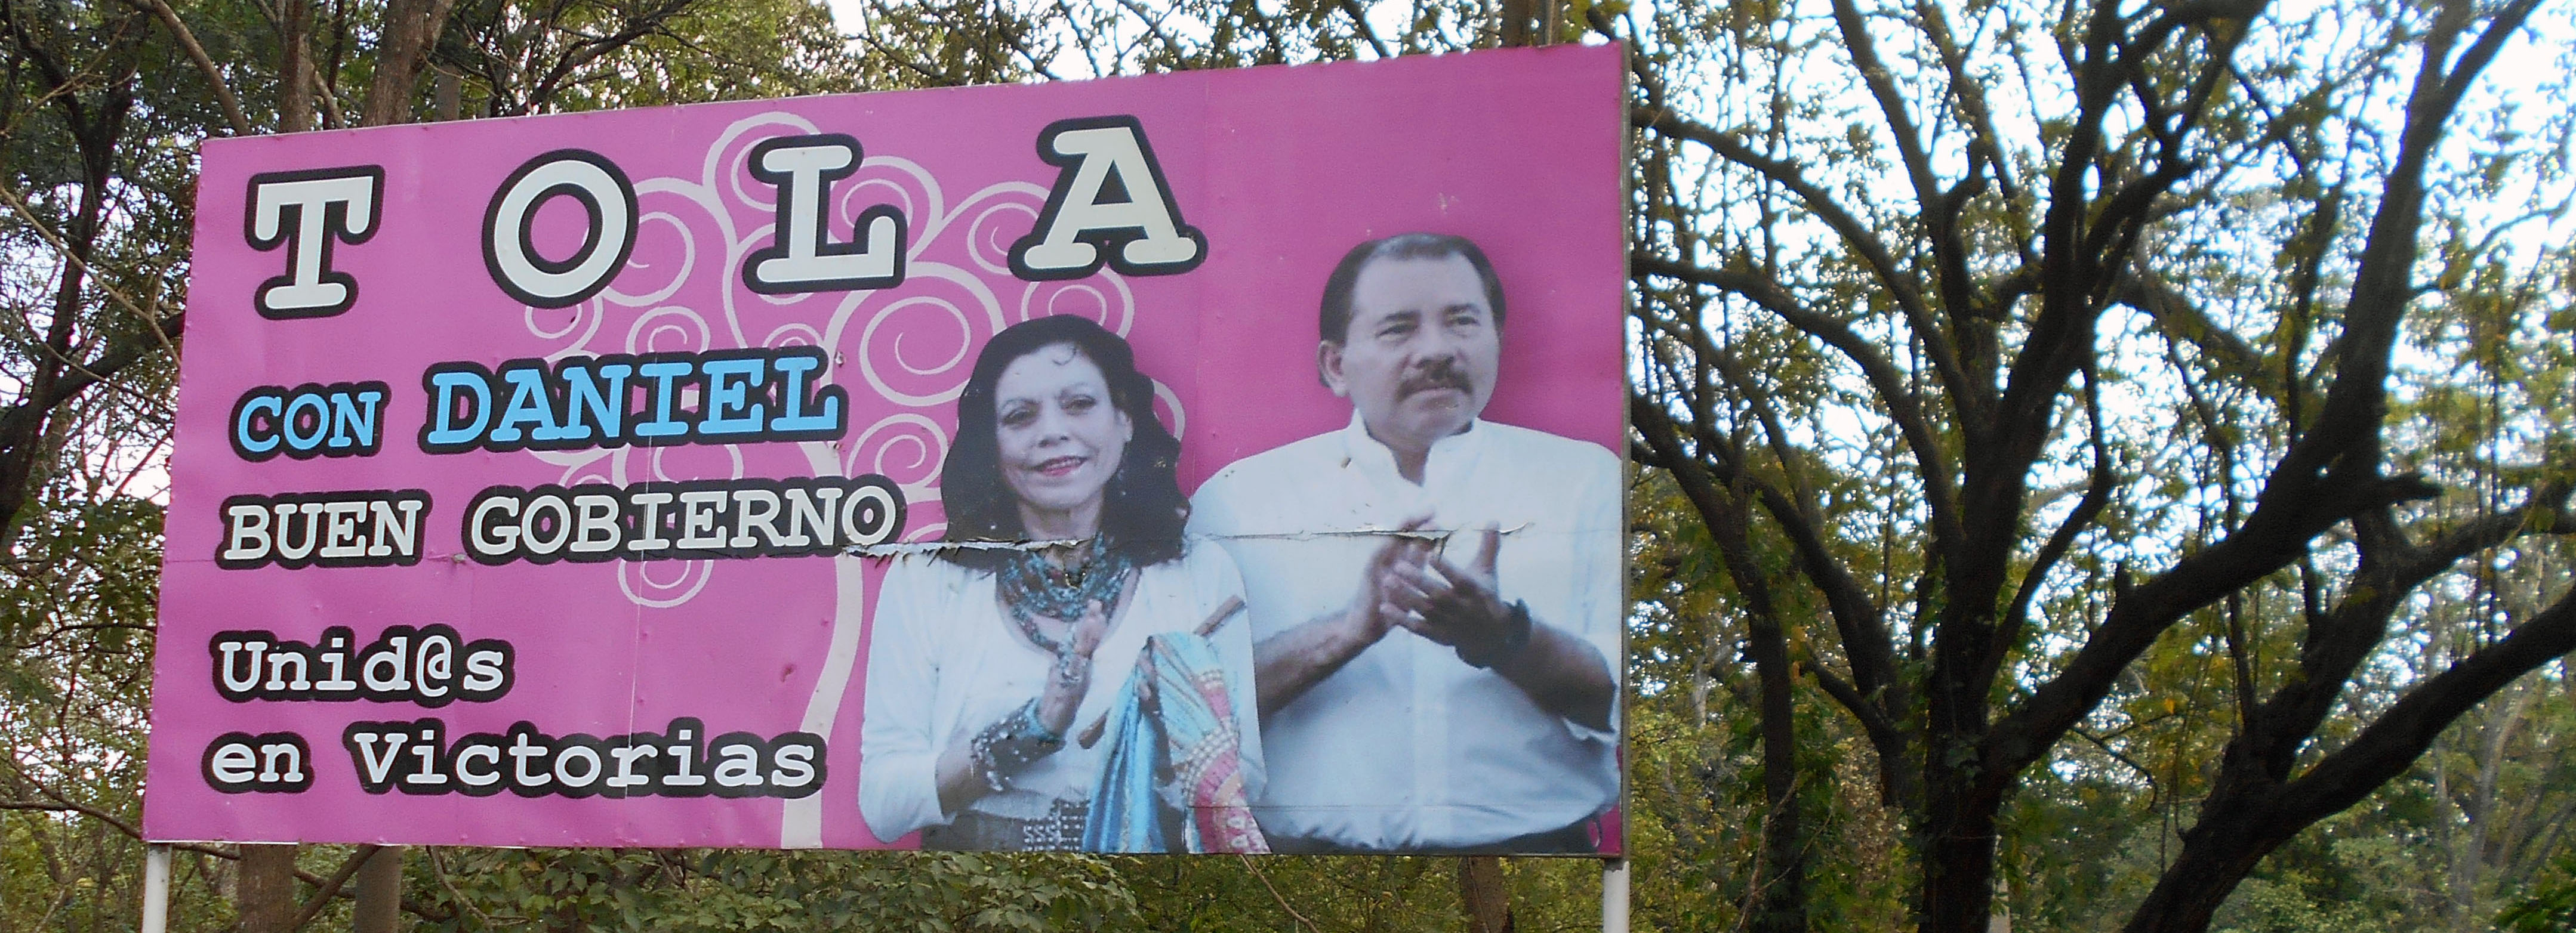 Präsidenten-Ehepaar Ortega